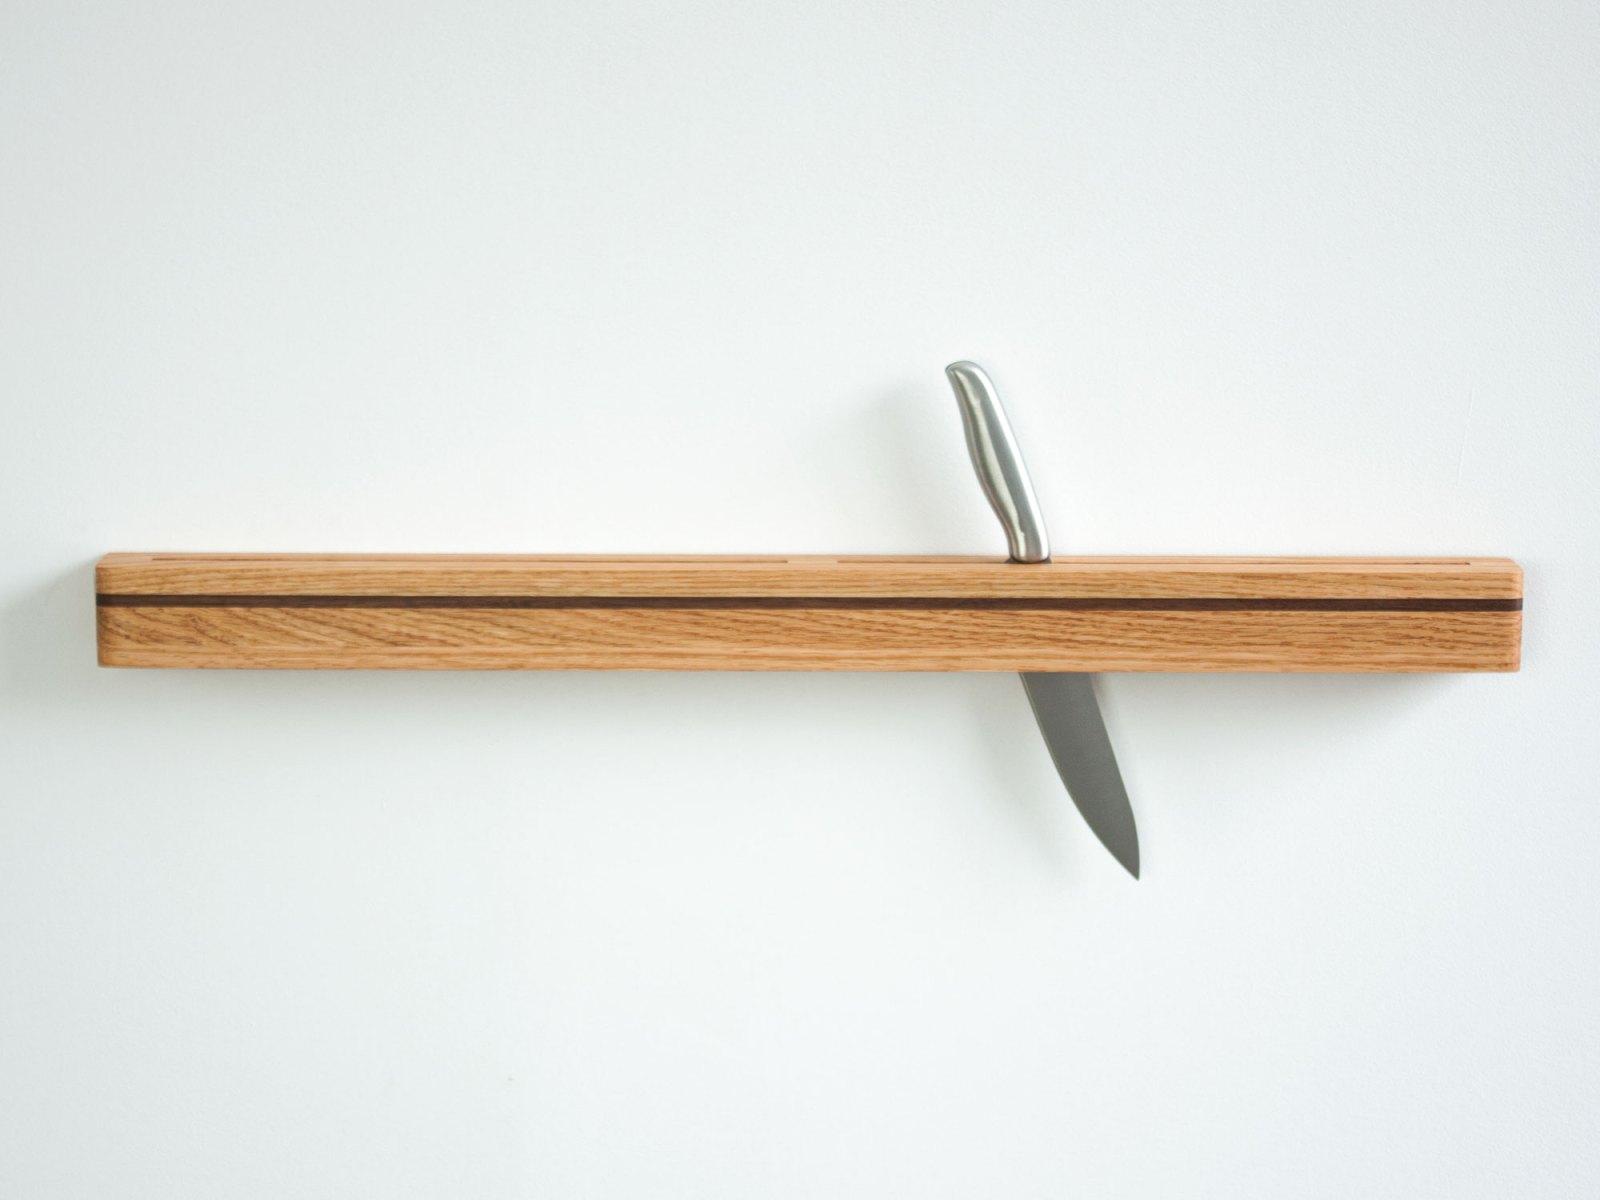 wall mount knife block red oak